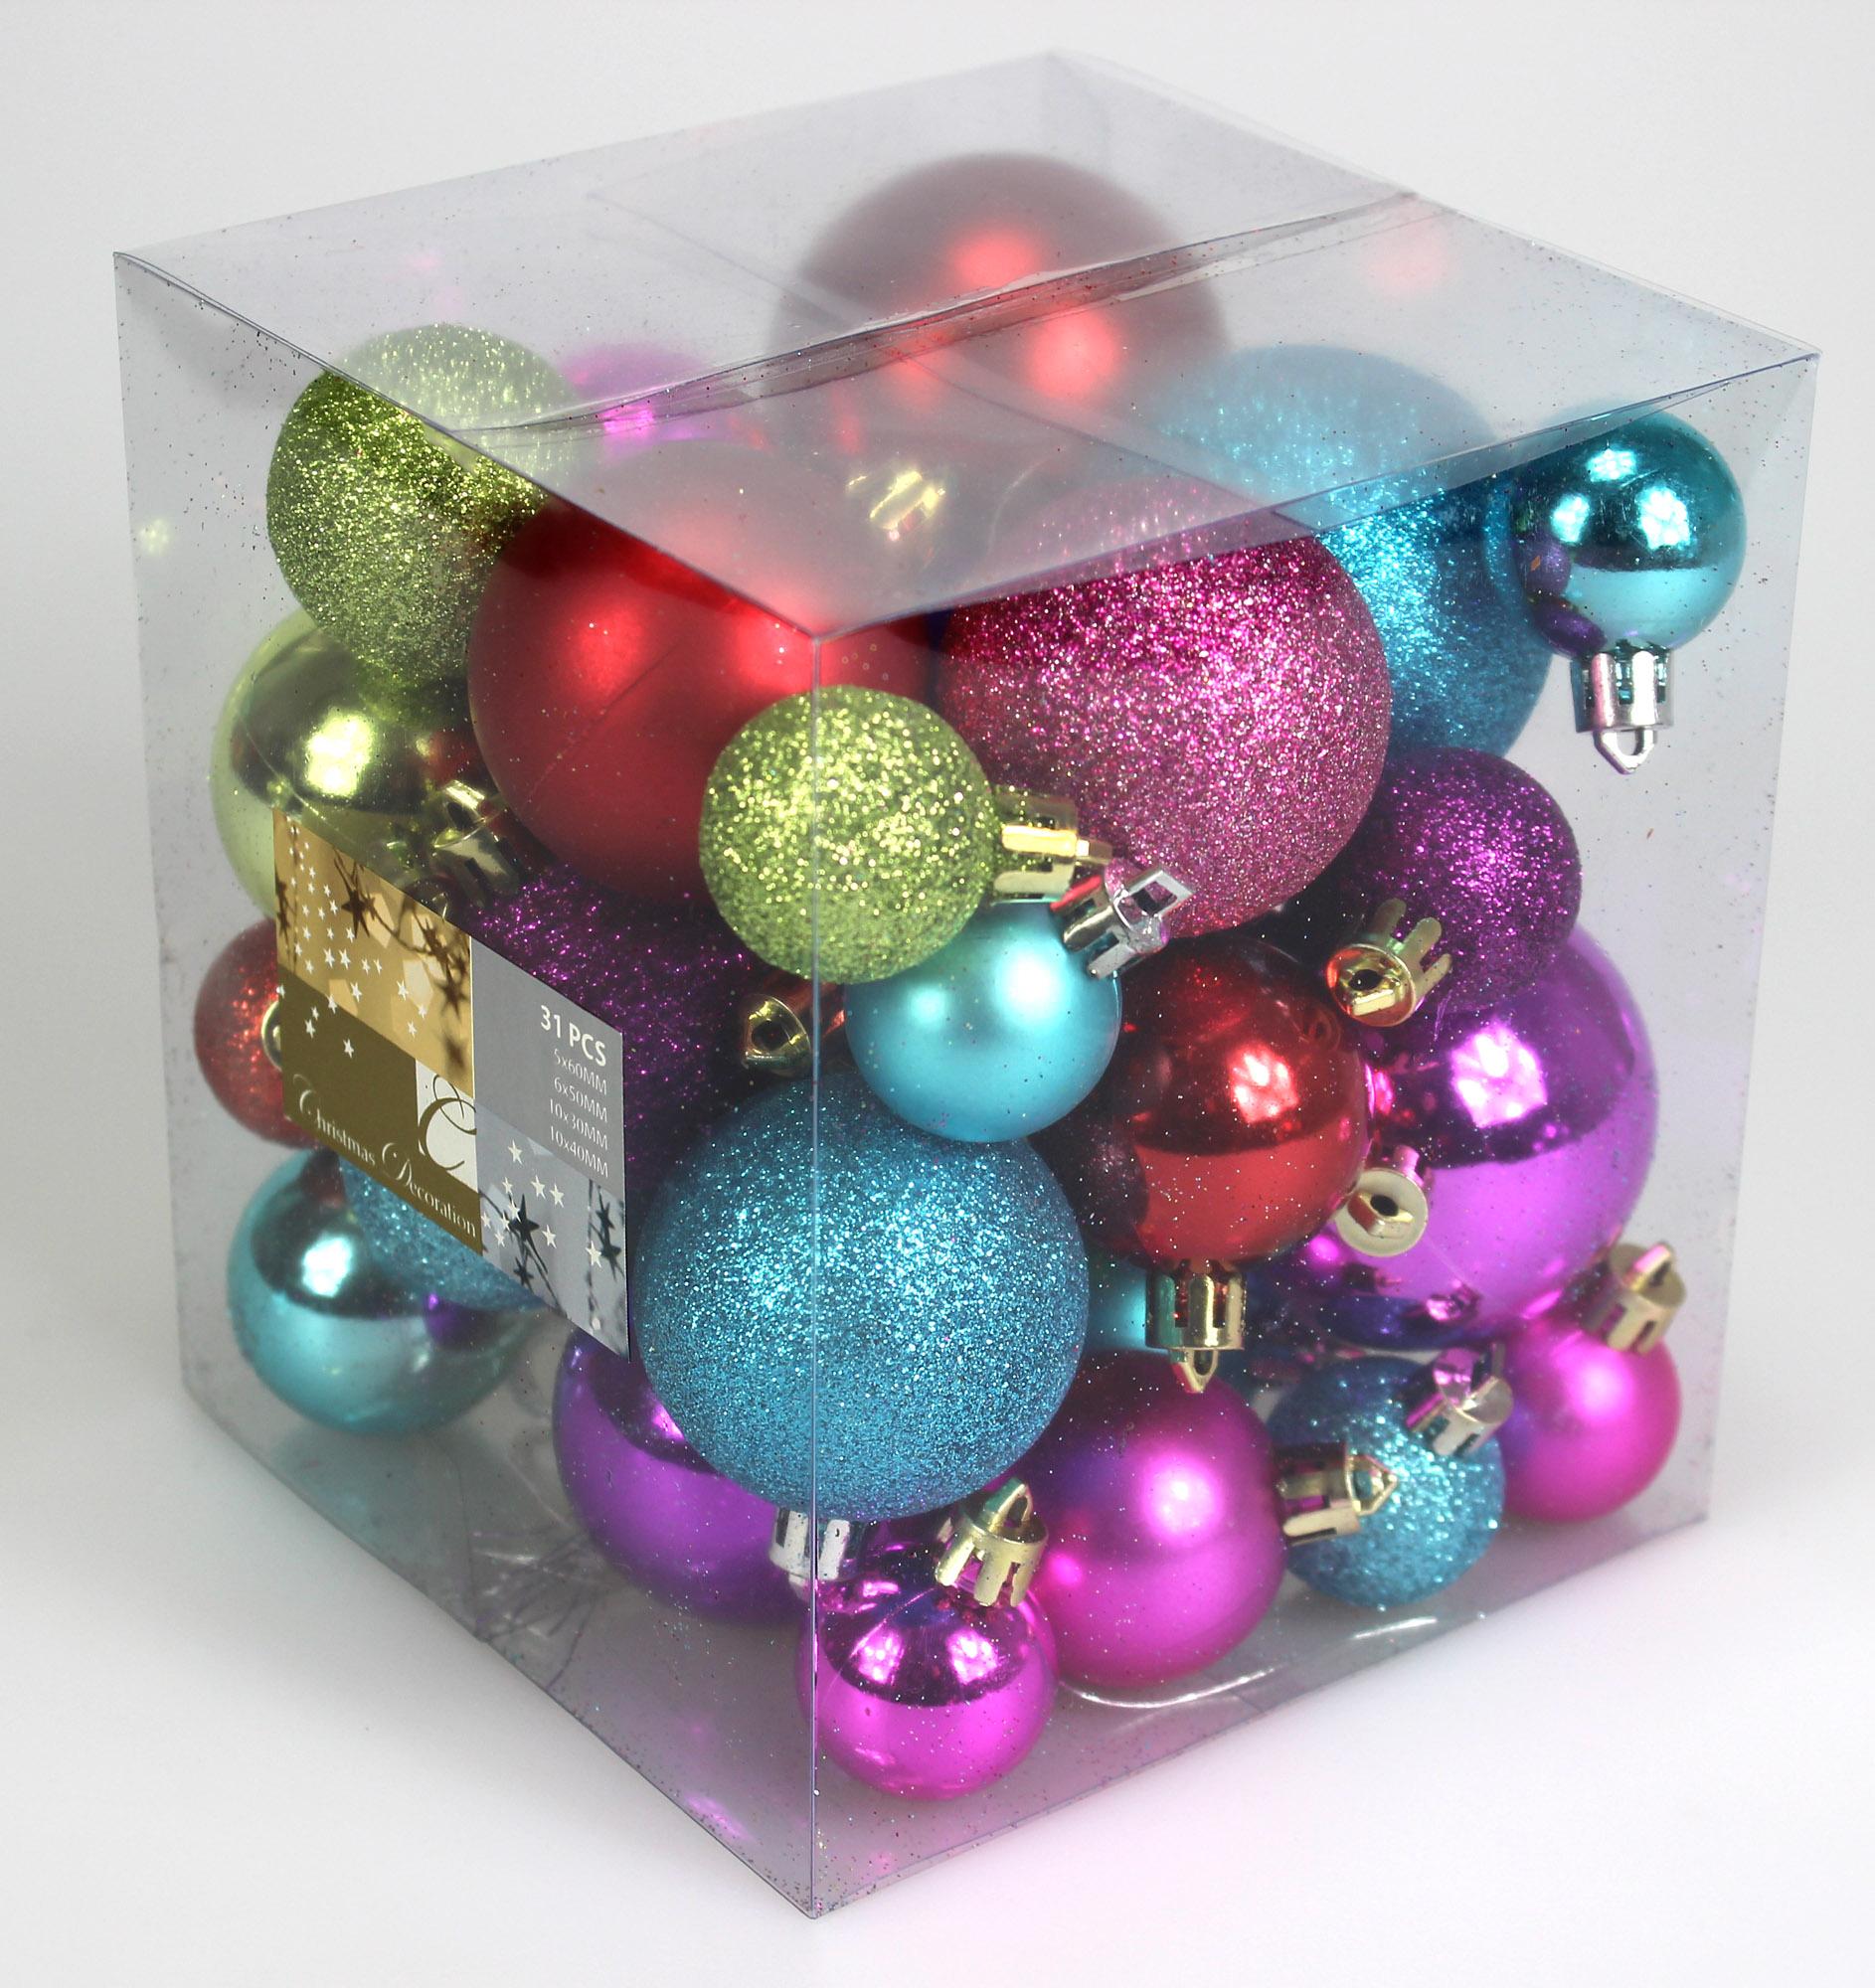 weihnachtskugeln weihnachtsdeko 31 st ck bunt glitzernd. Black Bedroom Furniture Sets. Home Design Ideas